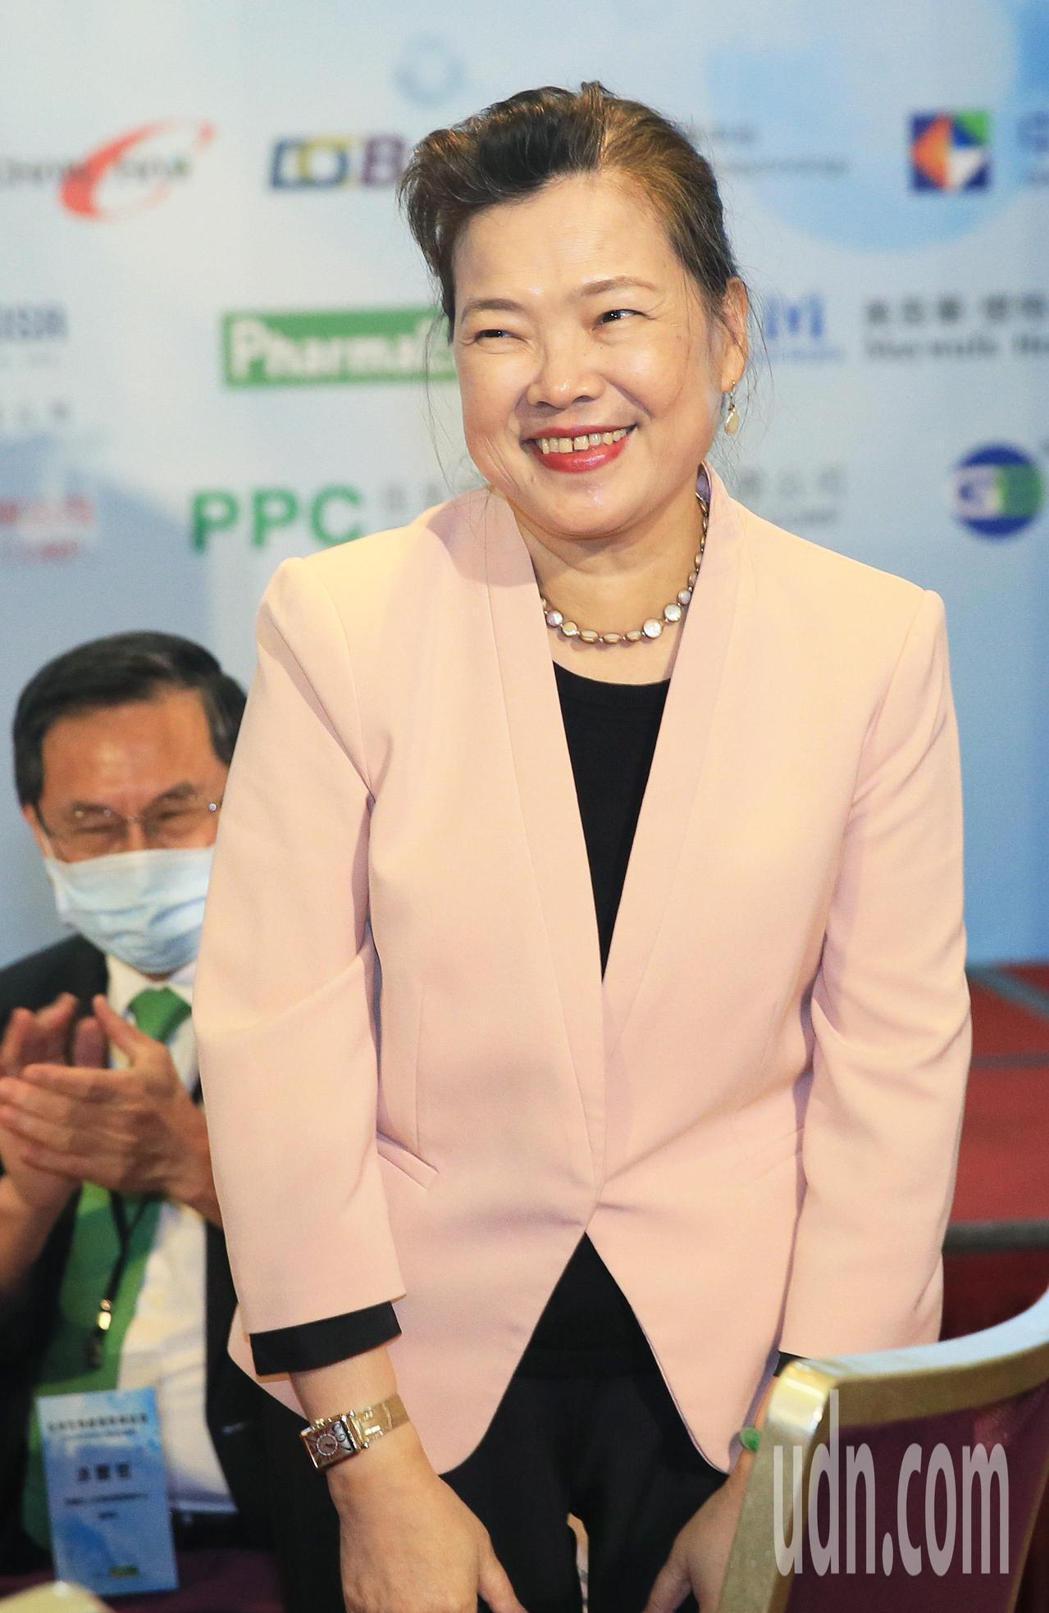 經濟部長王美花晚上出席台灣生物產業協會會員大會。記者潘俊宏/攝影